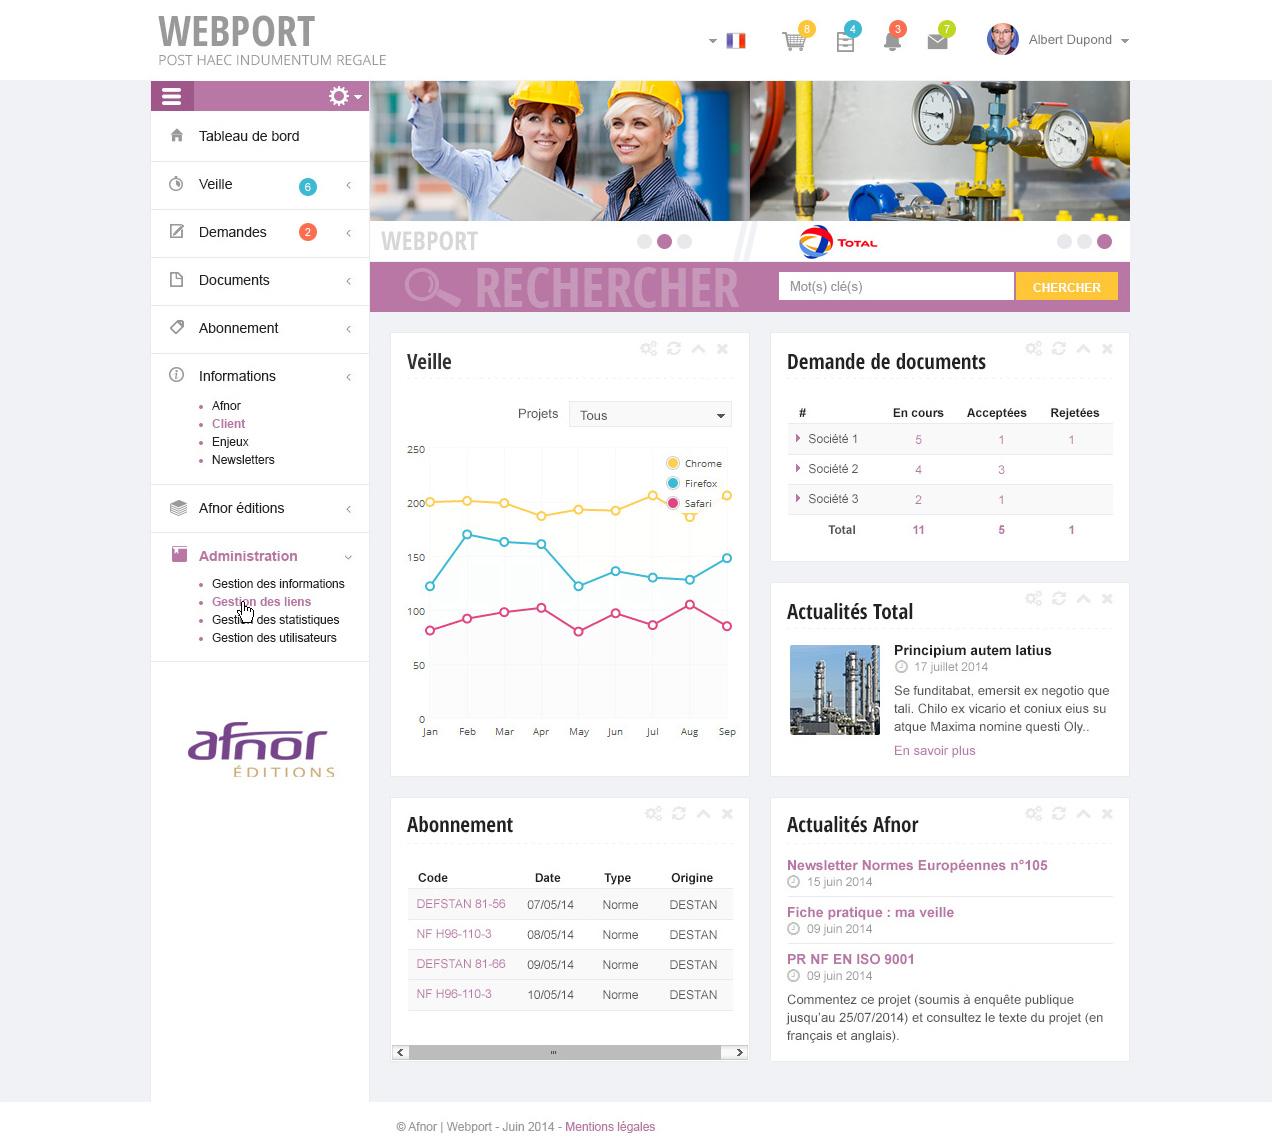 afnor-webport